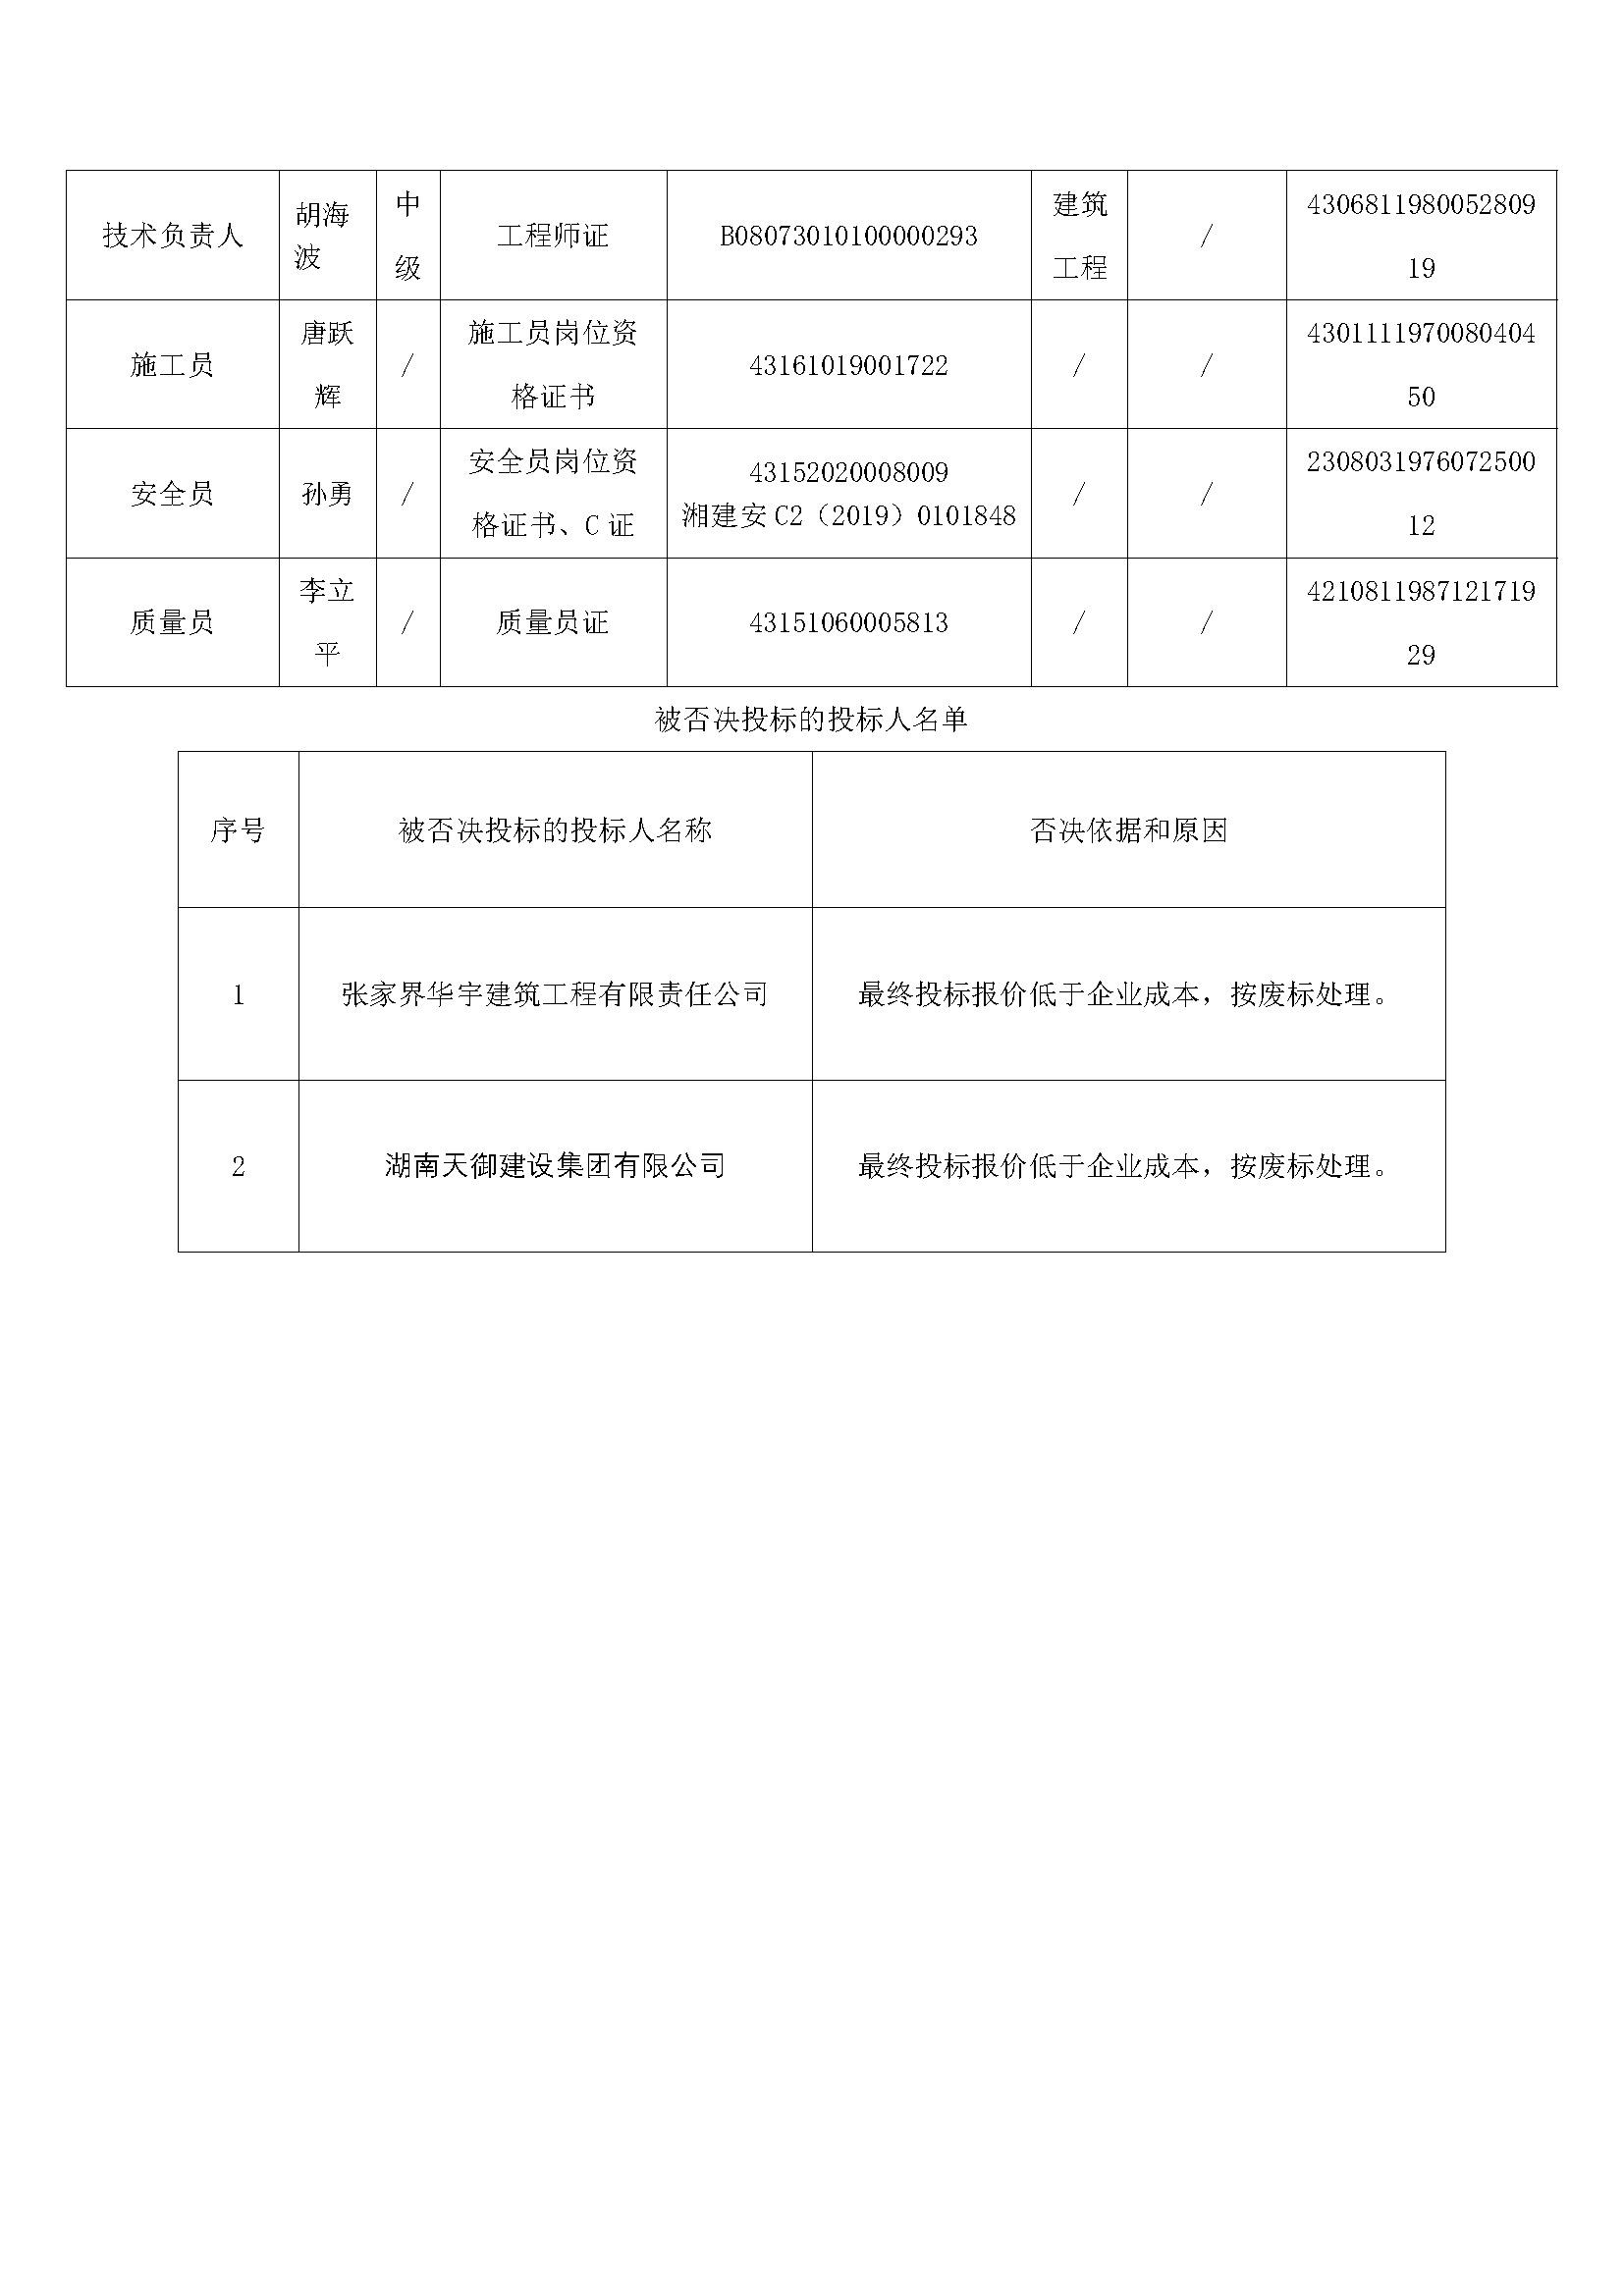 111中标候选人公示_20200421171454_页面_4.jpg